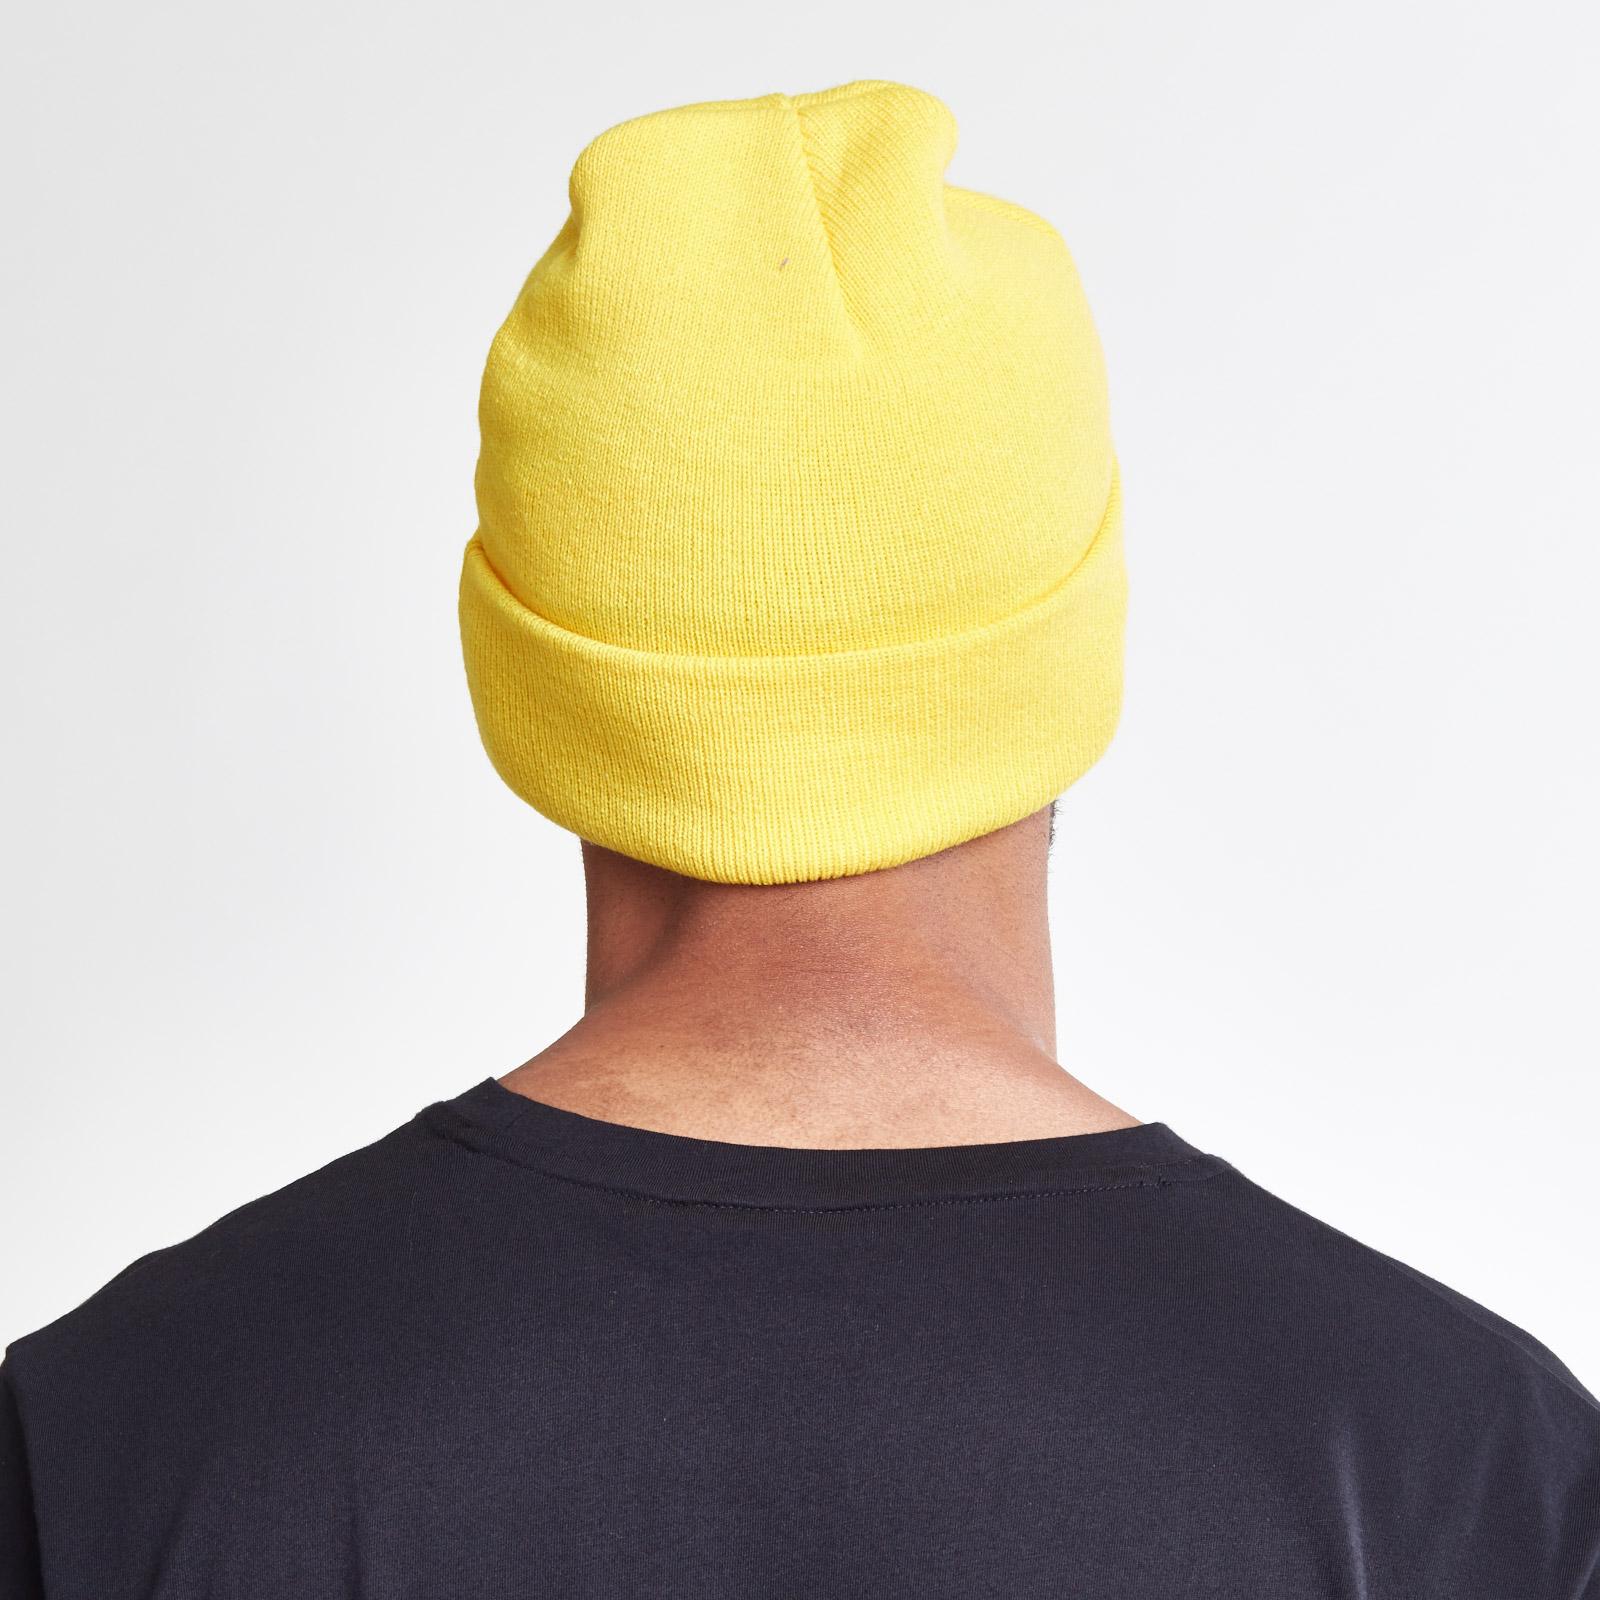 puma xo yellow beanie